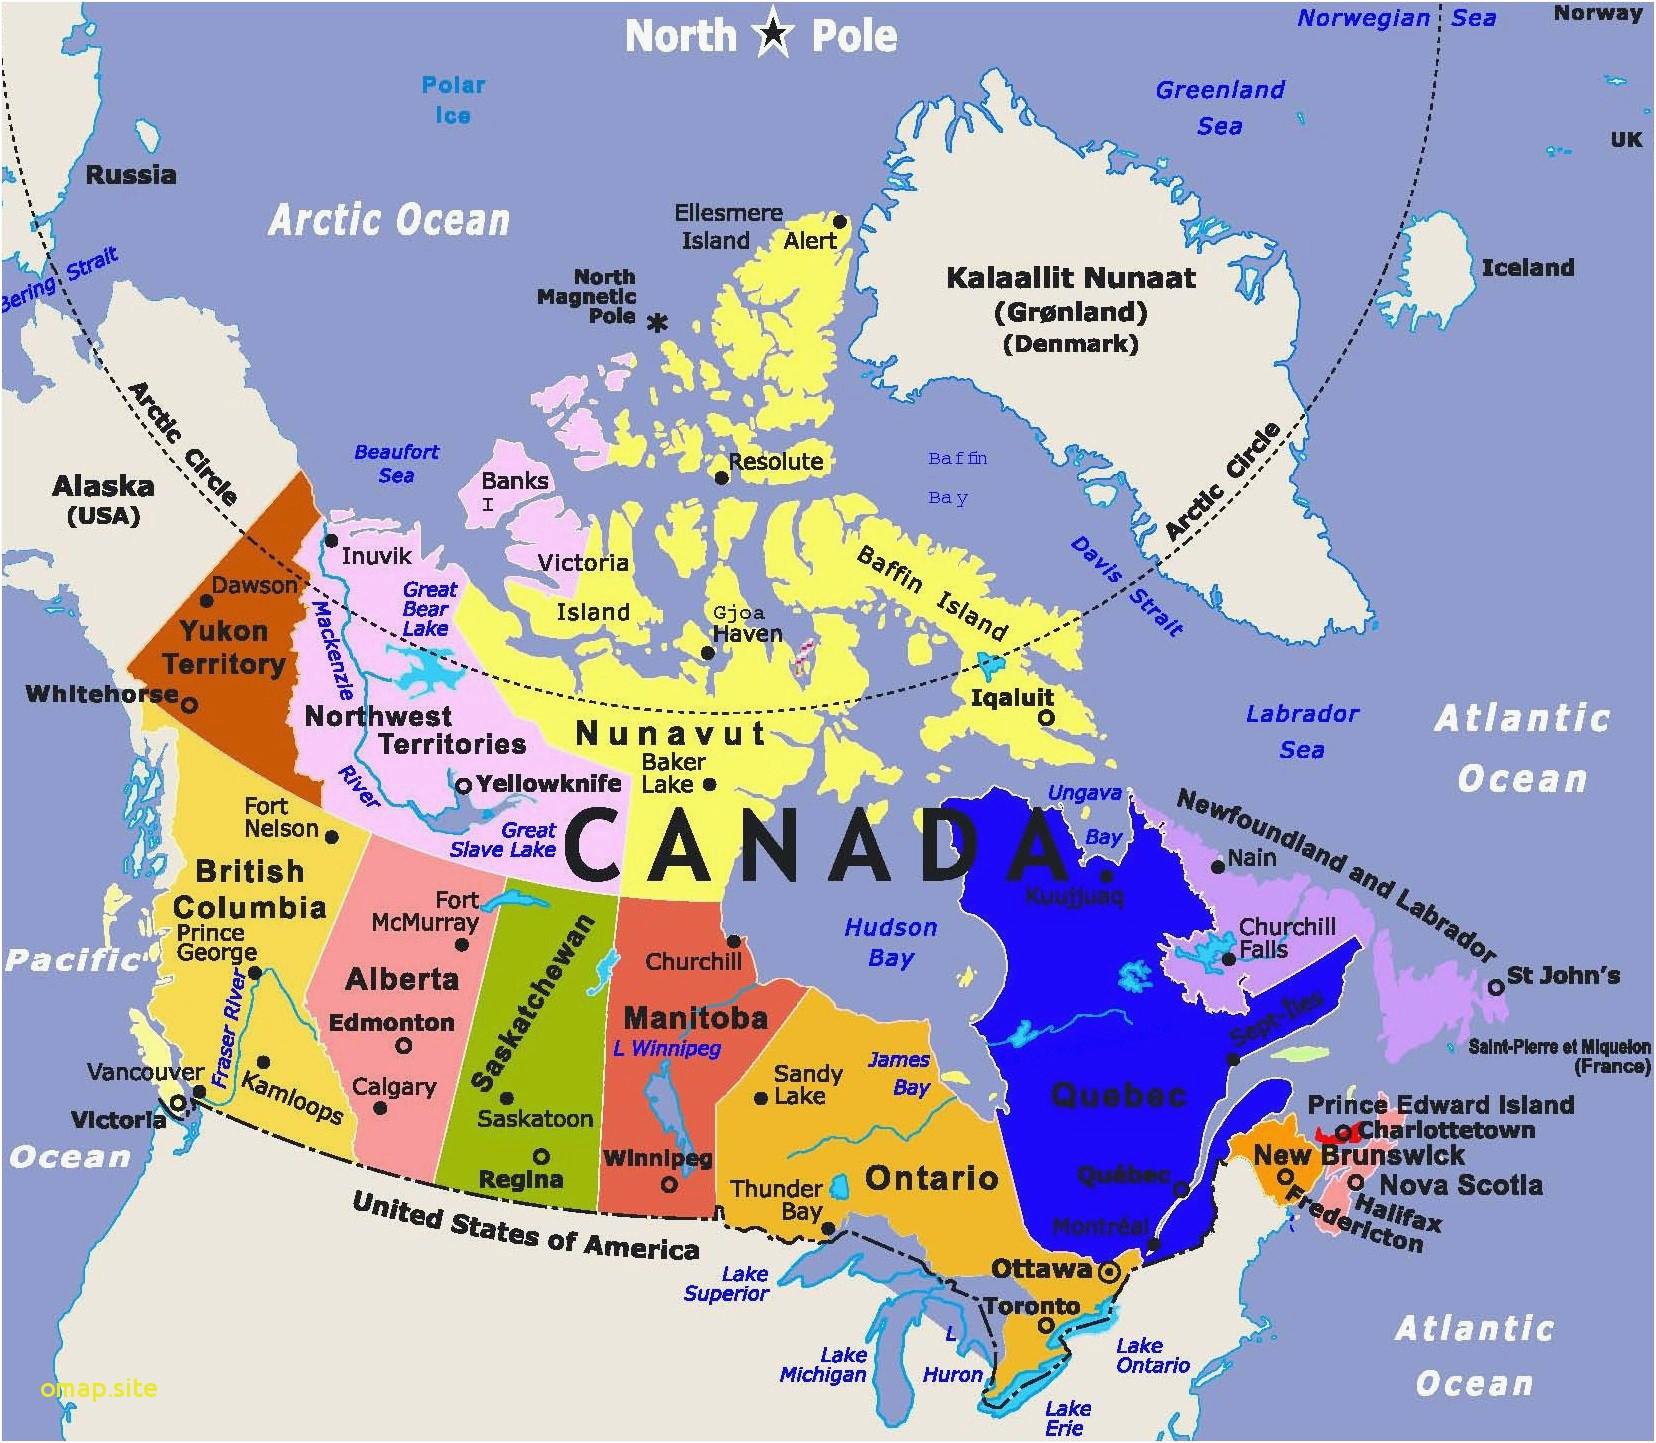 Churchill Canada Map Hudson Ohio Map Hudson Bay On A Map Ungava Bay Canada Map